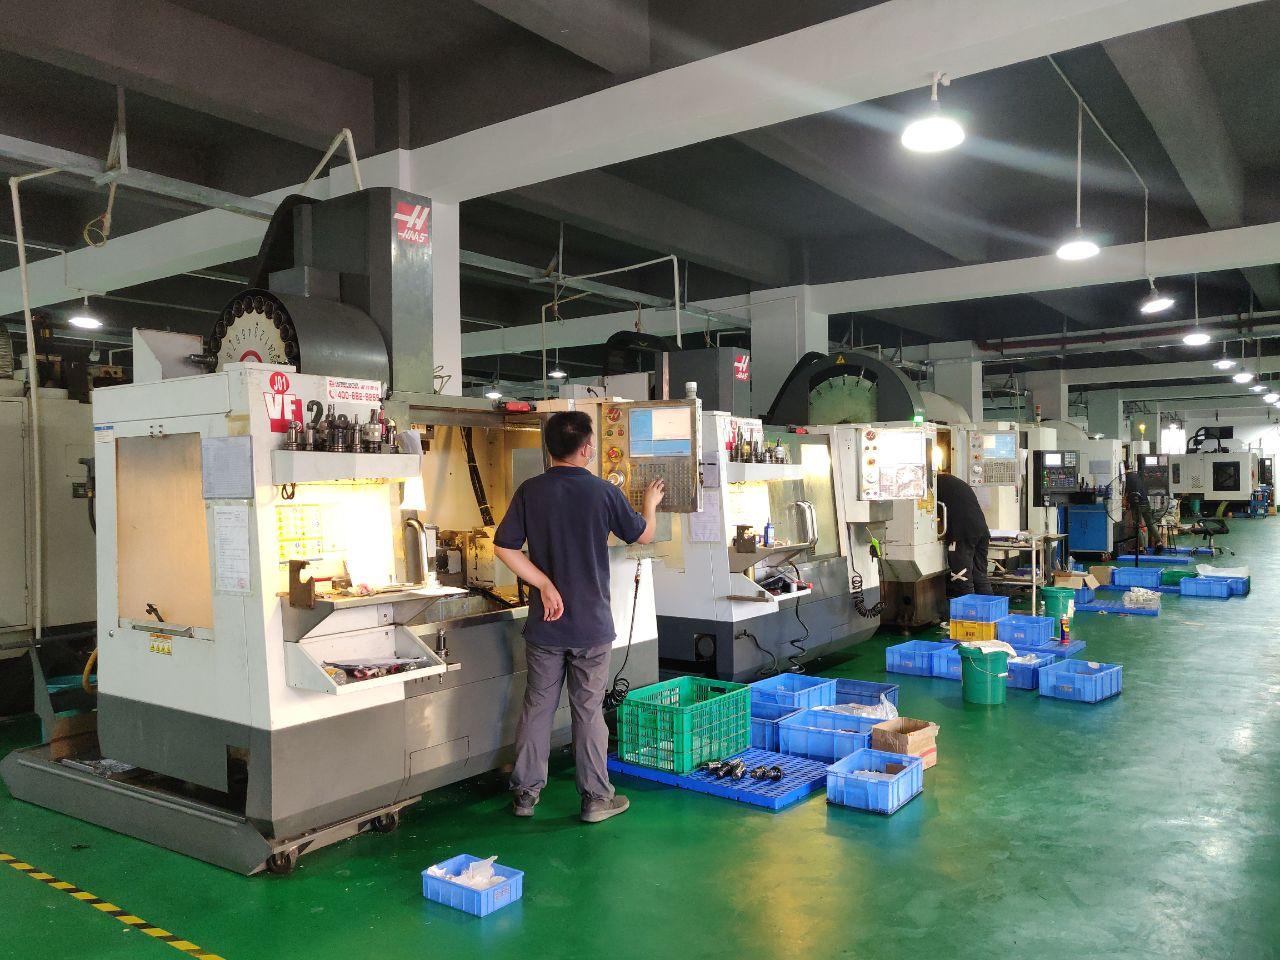 Обработка на станке с ЧПУ, замена запасных частей для коммерческих кофемашин